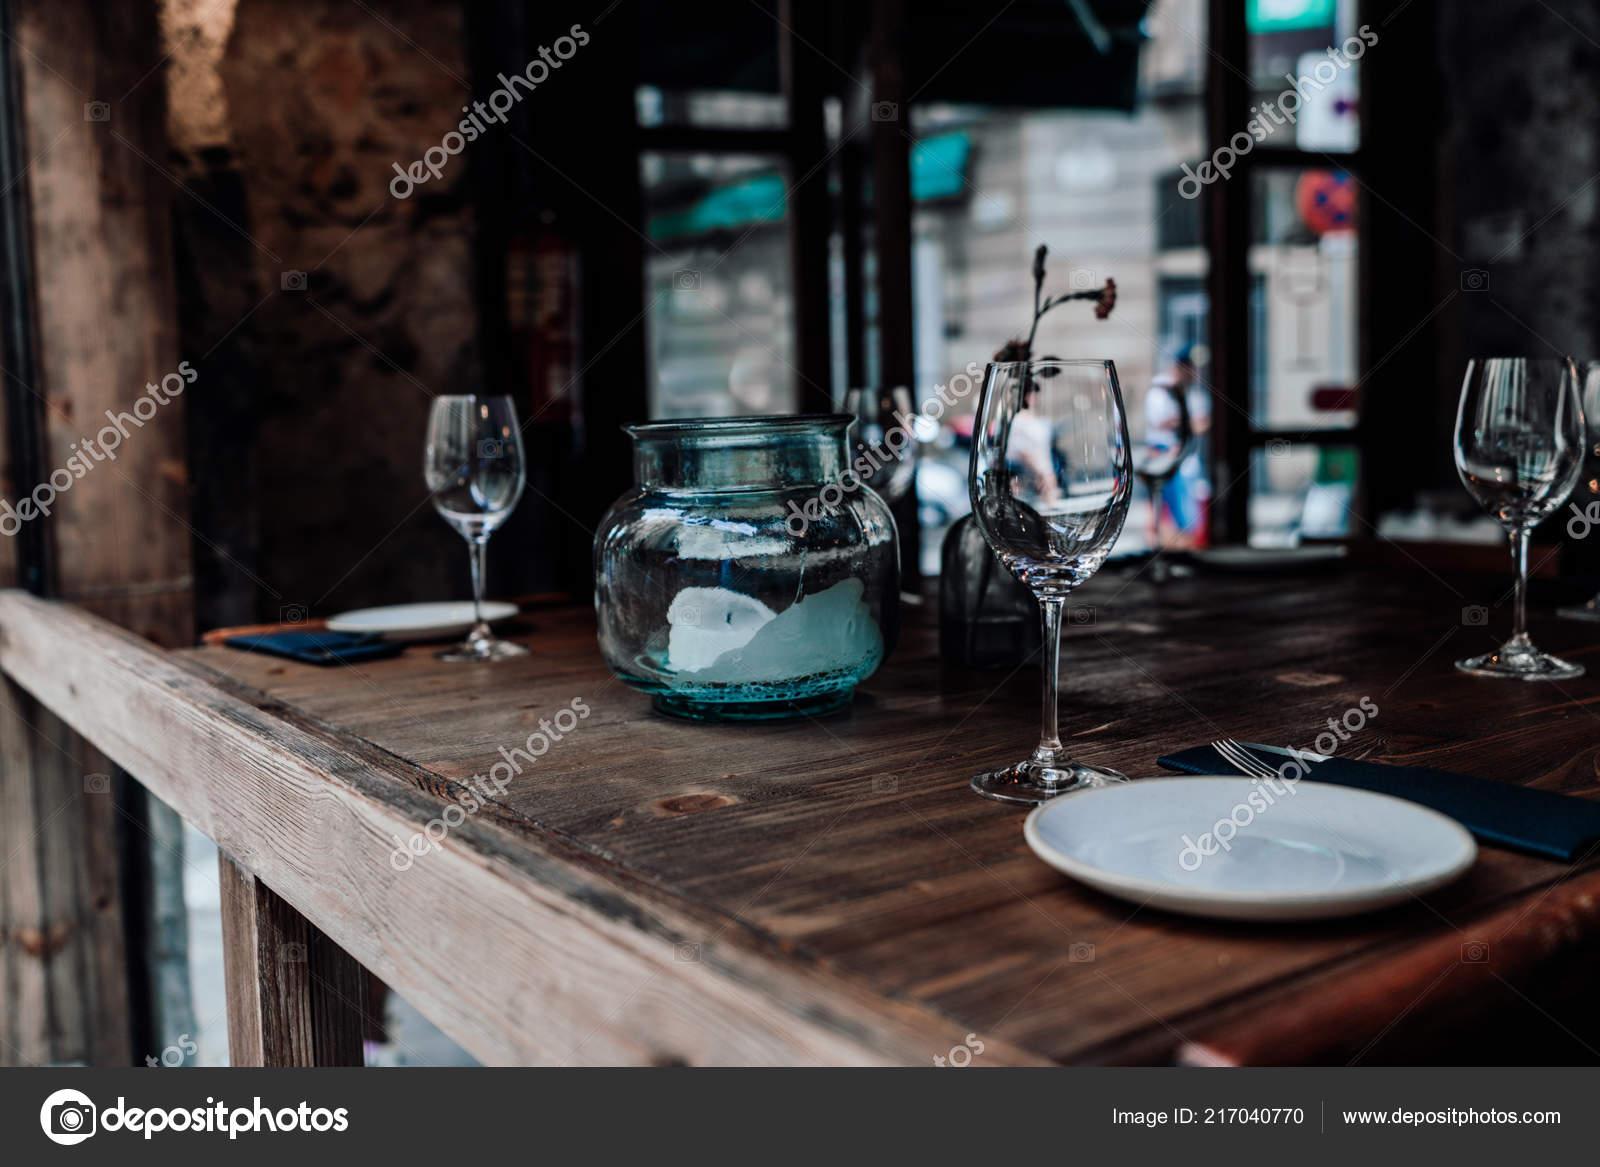 Einstellung Tischdekoration Mit Besteck Untertassen Leere Glaser